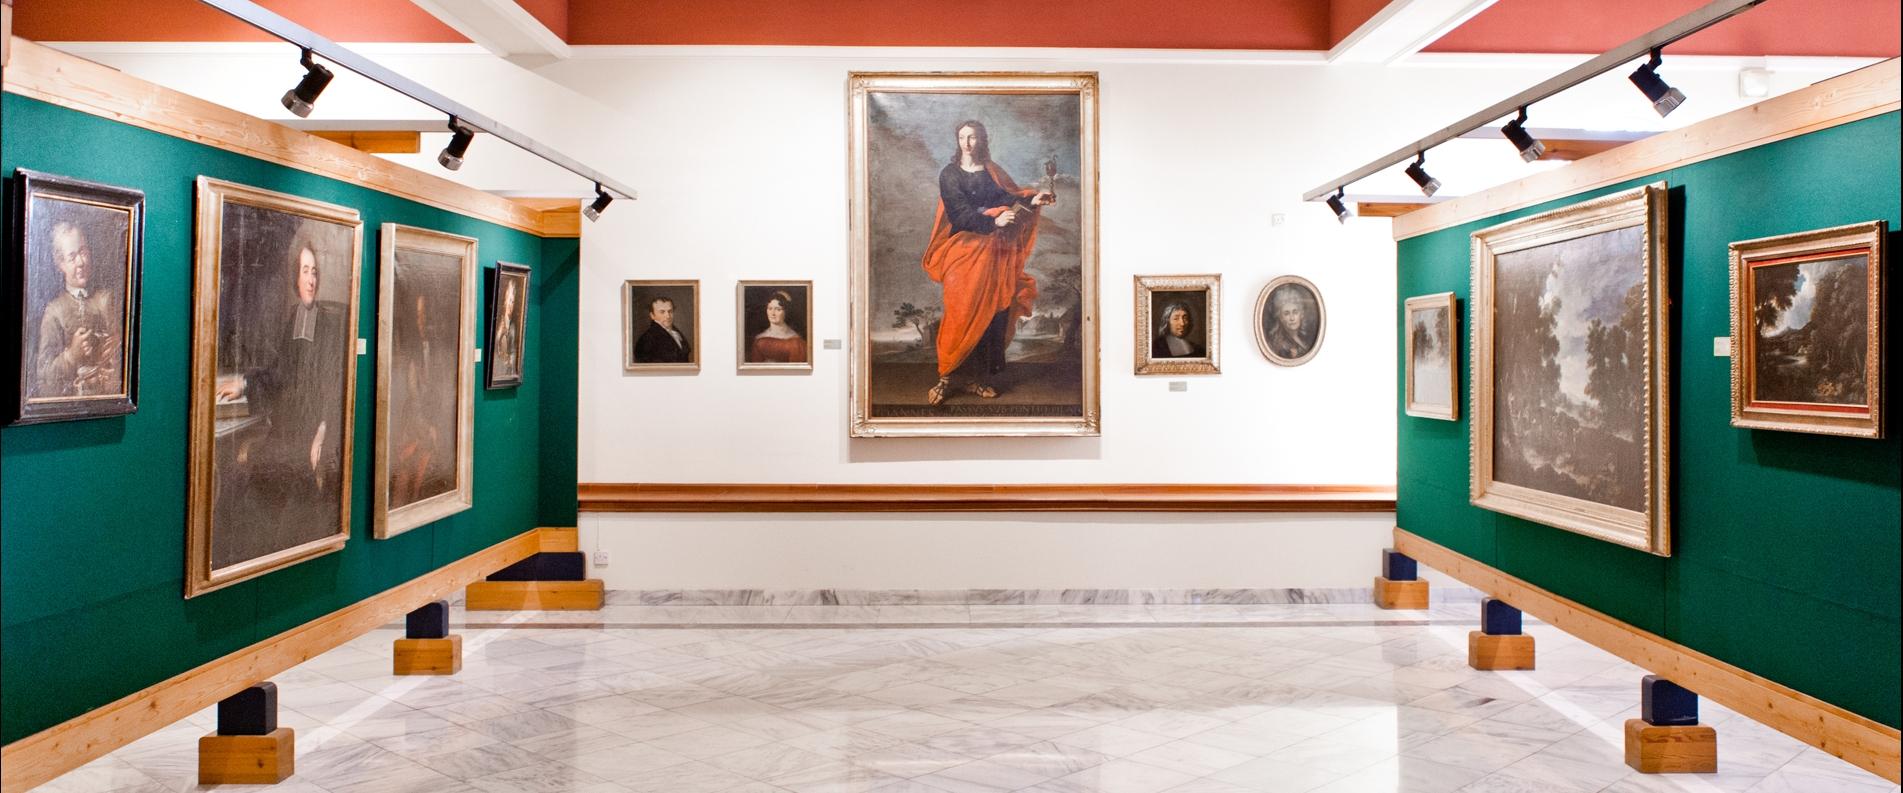 Галерея Западноевропейского искусства в Никосии